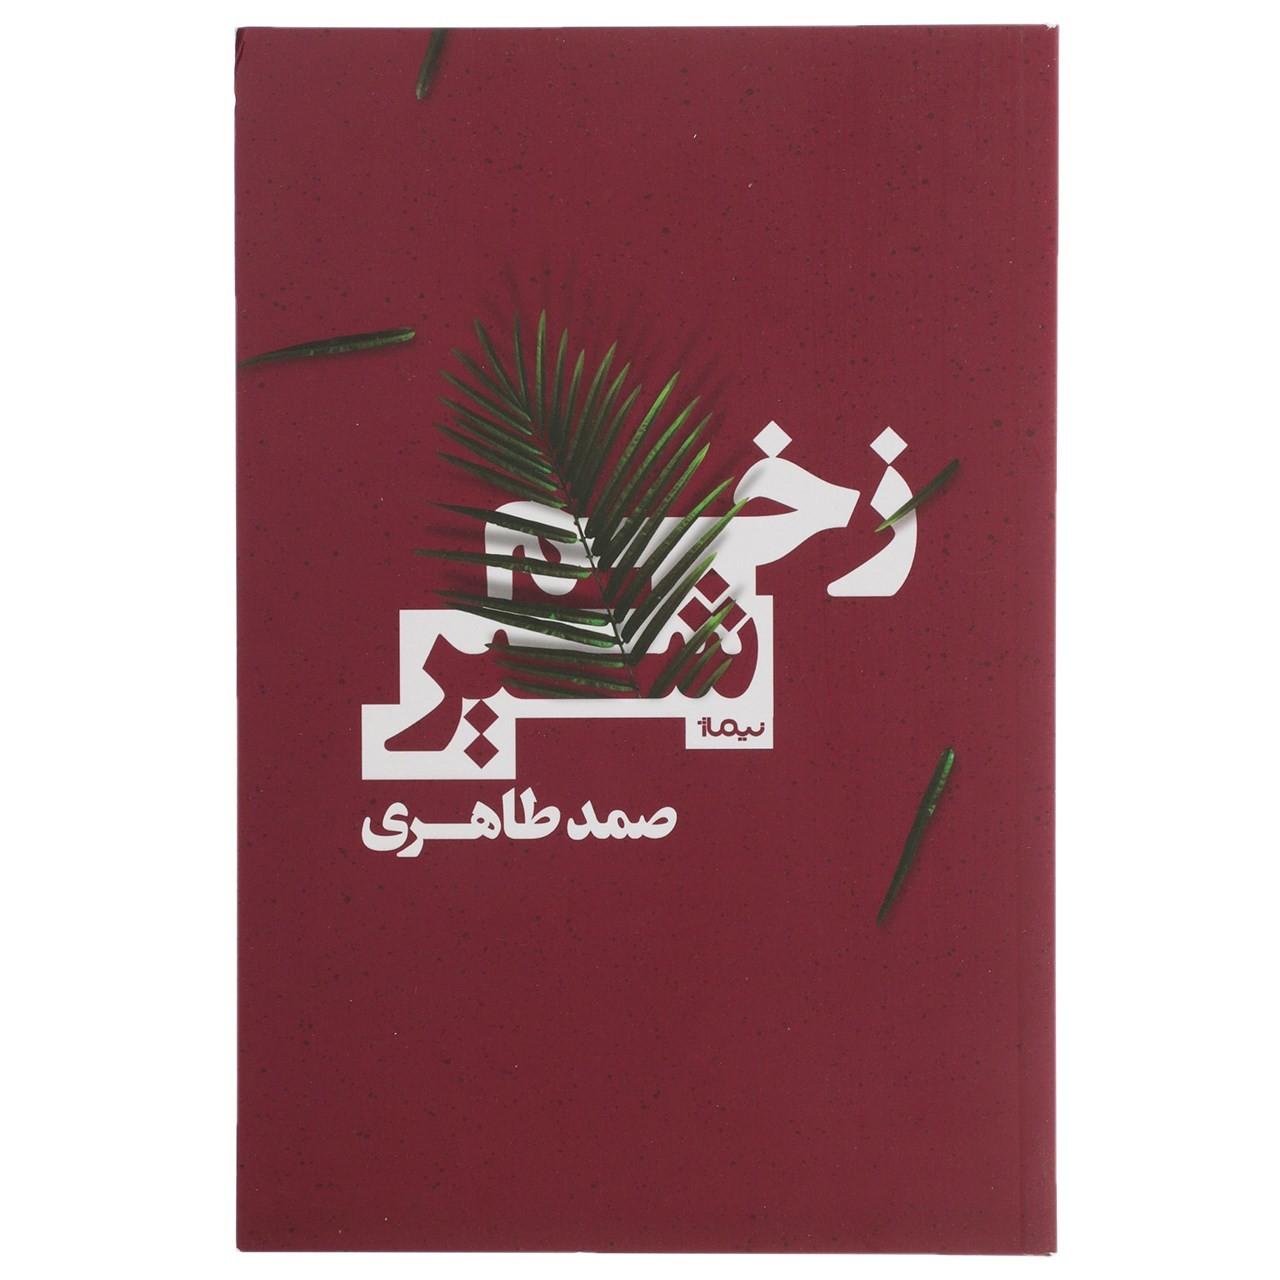 مجموعه داستان زخم شیر نوشتهی صمد طاهری